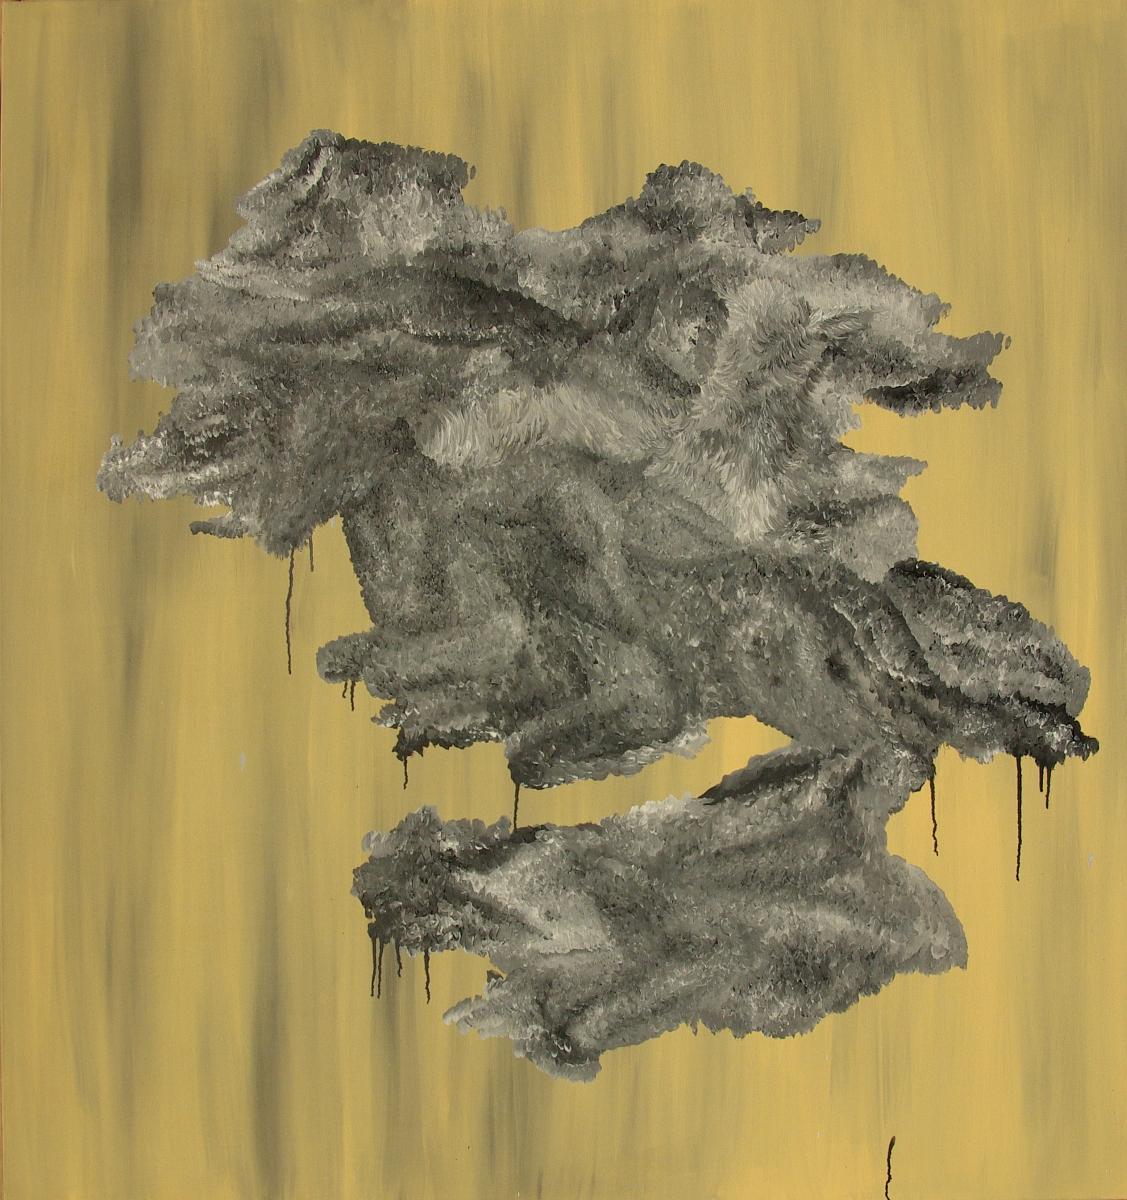 """Małgorzata Wielek-Mandrela, """"Krajobraz zwierzęcy"""", 150x140 cm, 2012 (źródło: materiały prasowe organizatora)"""